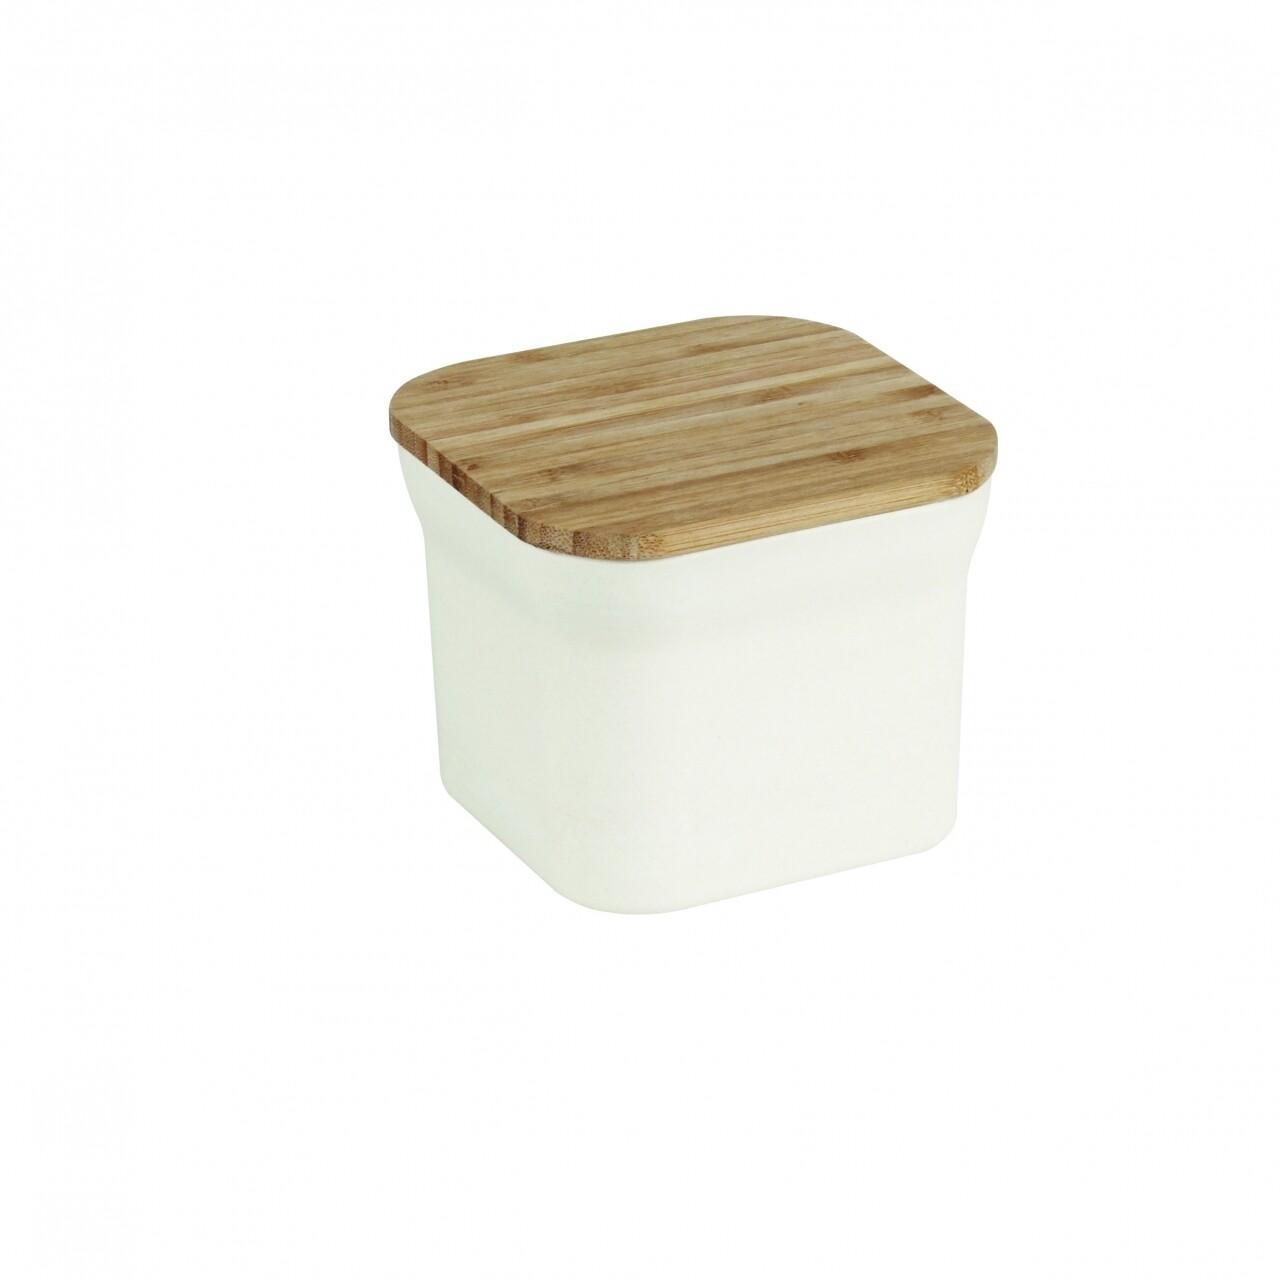 Cutie pentru alimente Bamboo, Jocca, 11.6 x 11.6 x 9.6 cm, bambus, alb/natur